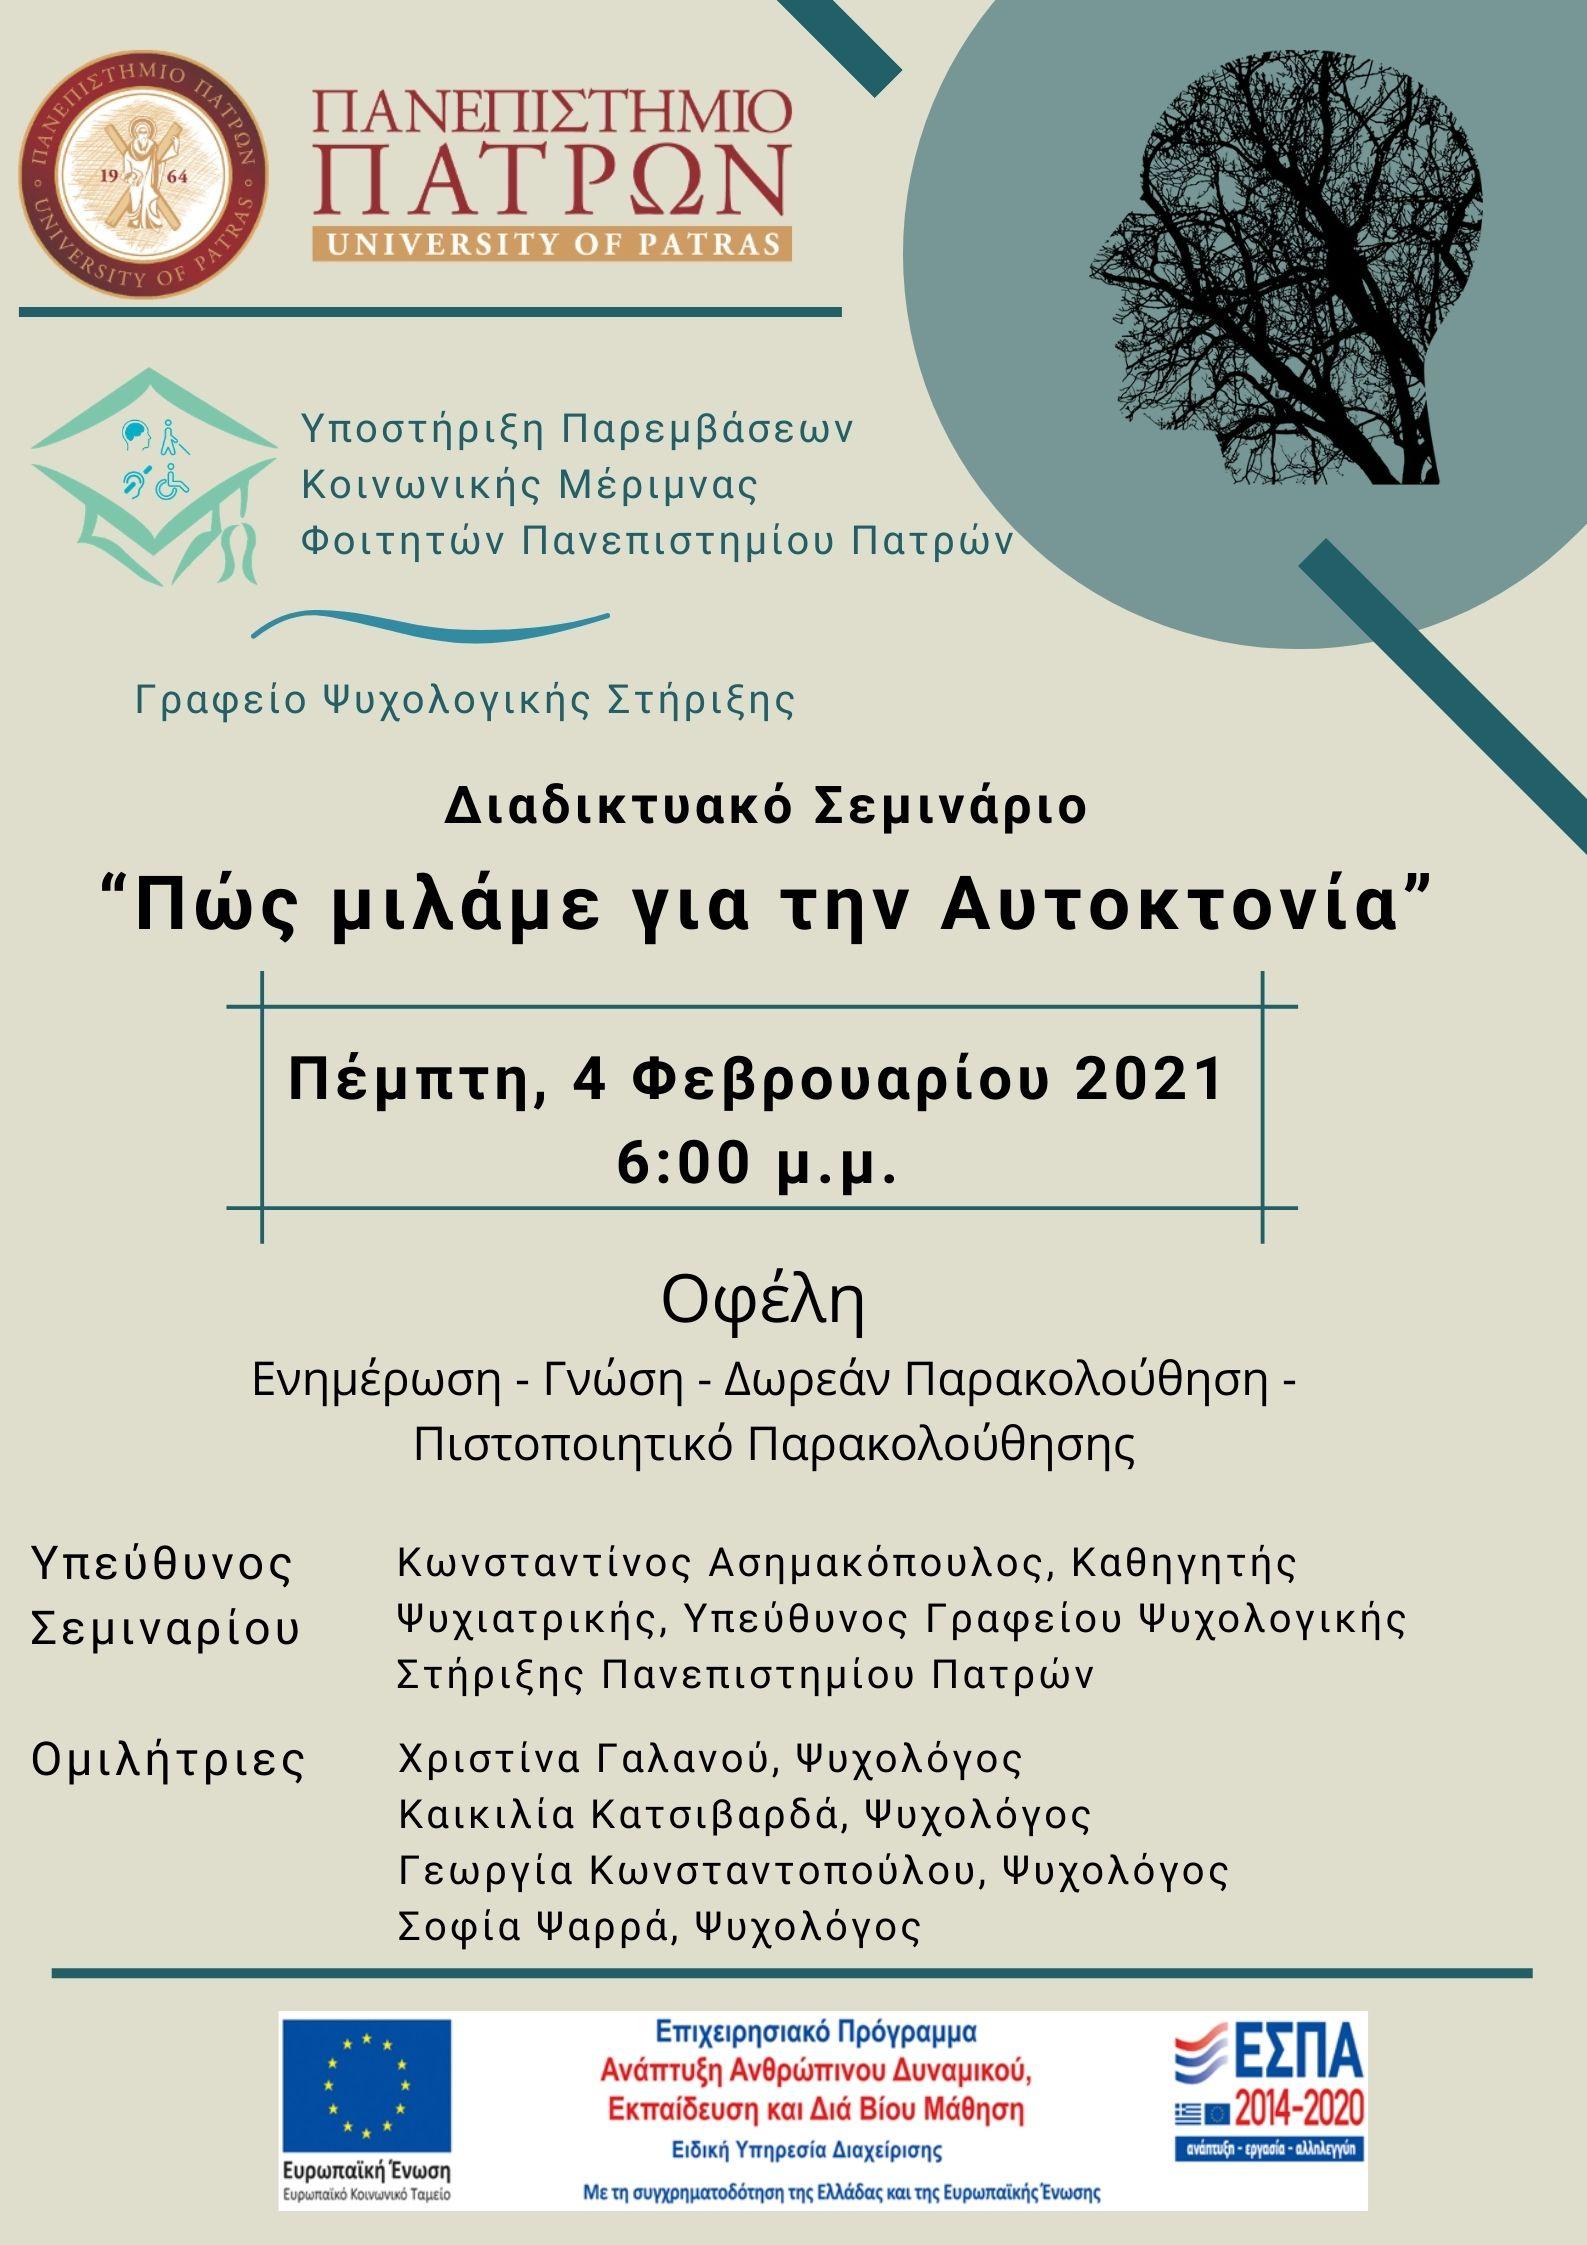 Αφίσα για Διαδικτυακό Σεμινάριο